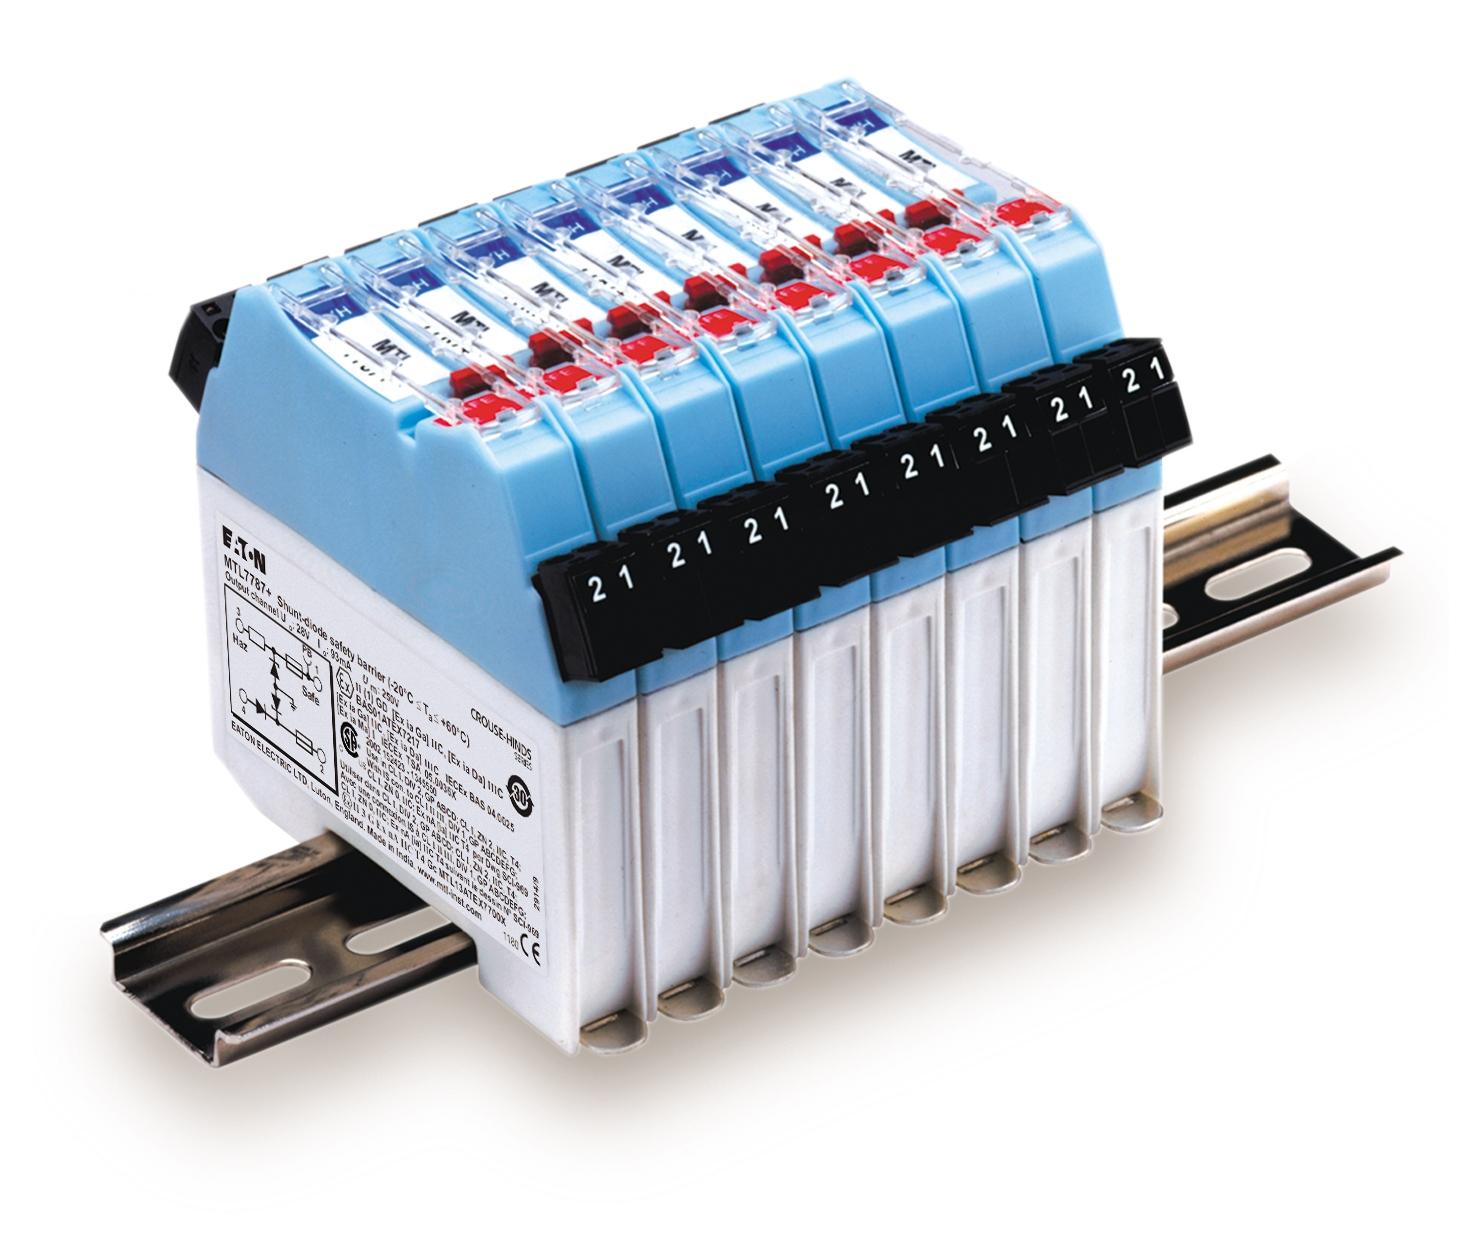 MTL7728 + التحويلة الصمام الثنائي سلامة الحاجز MTL7728 + زينر الحاجز A